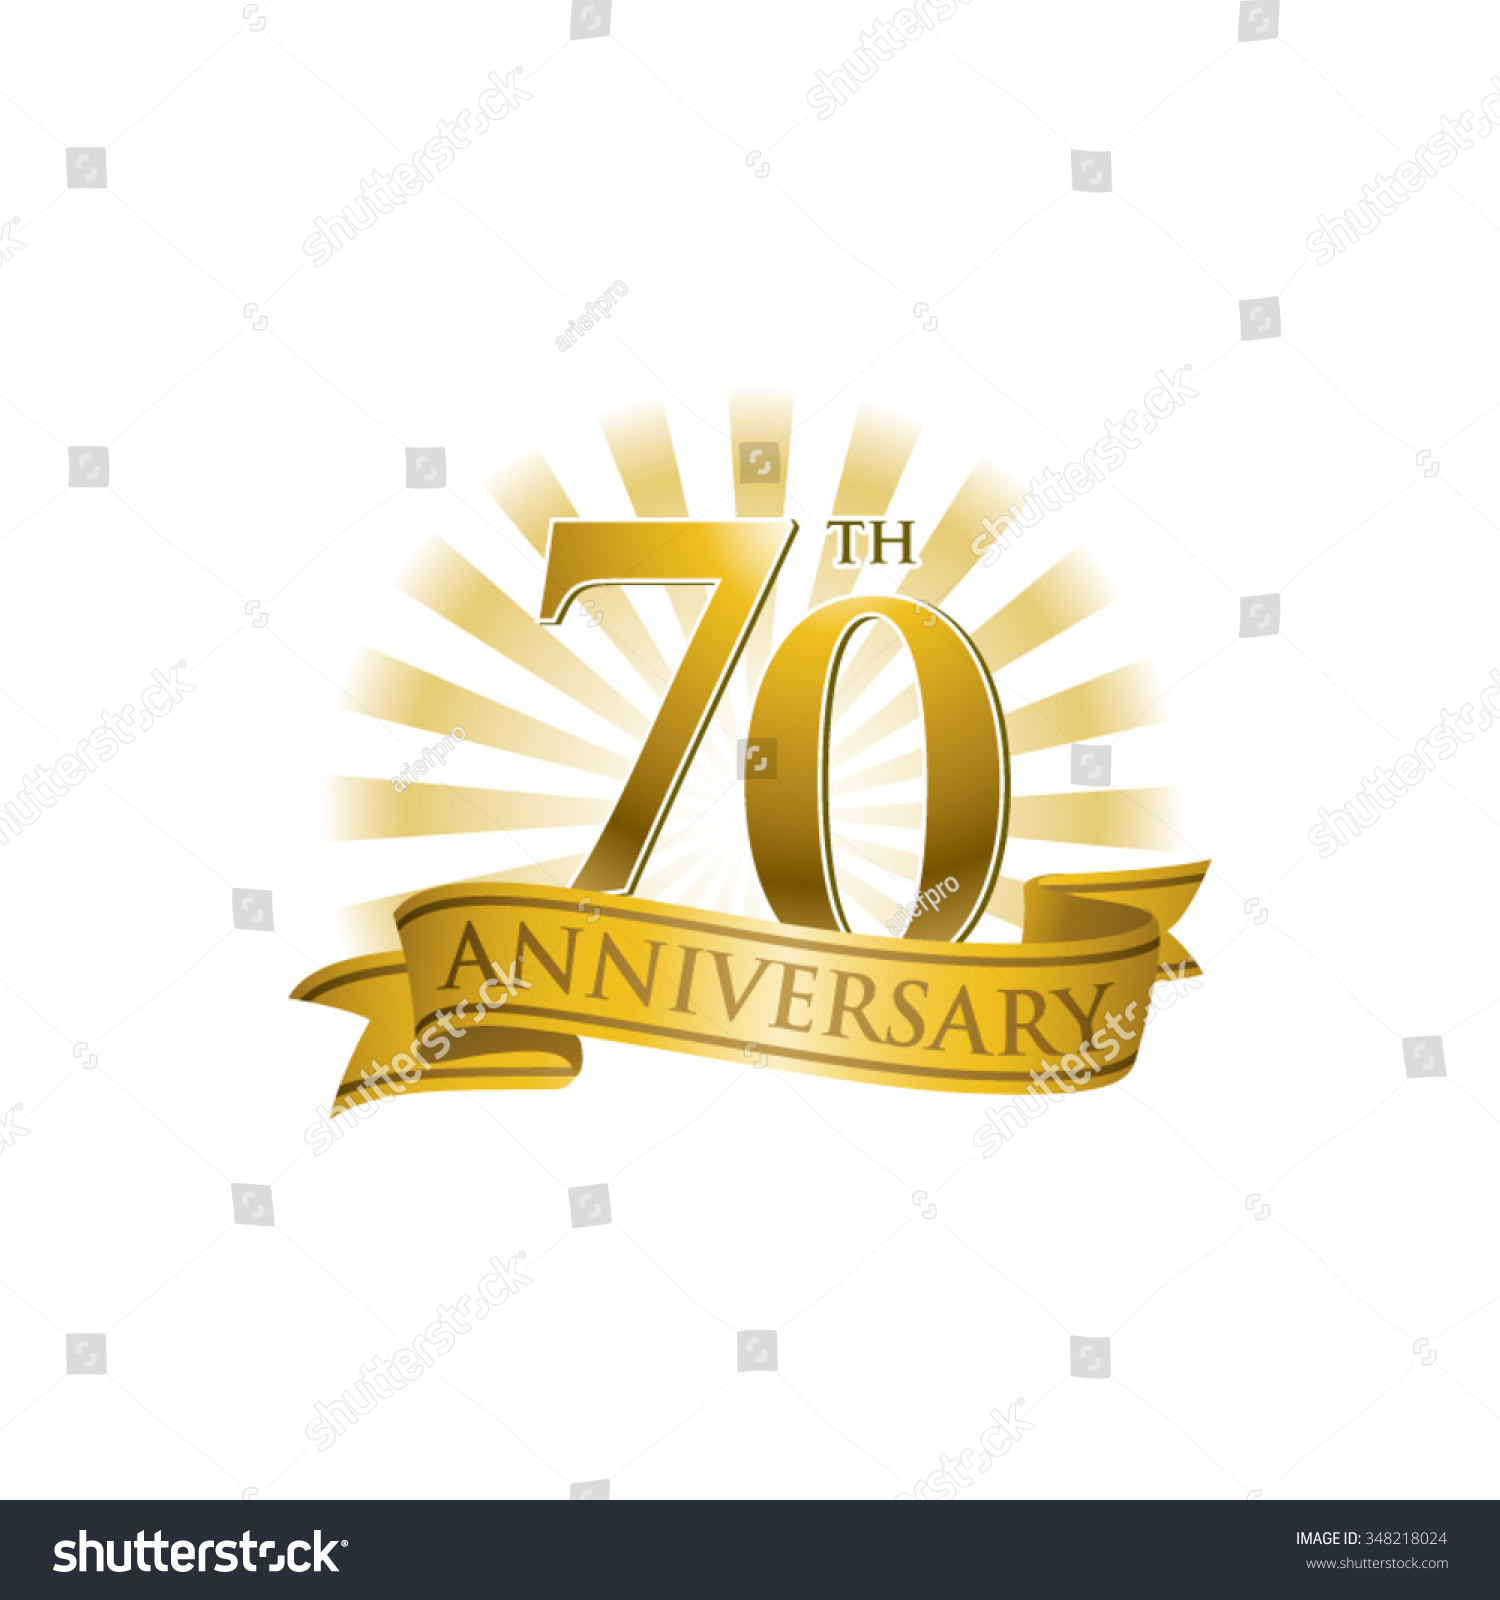 Year anniversary symbol 10th year anniversary symbol biocorpaavc